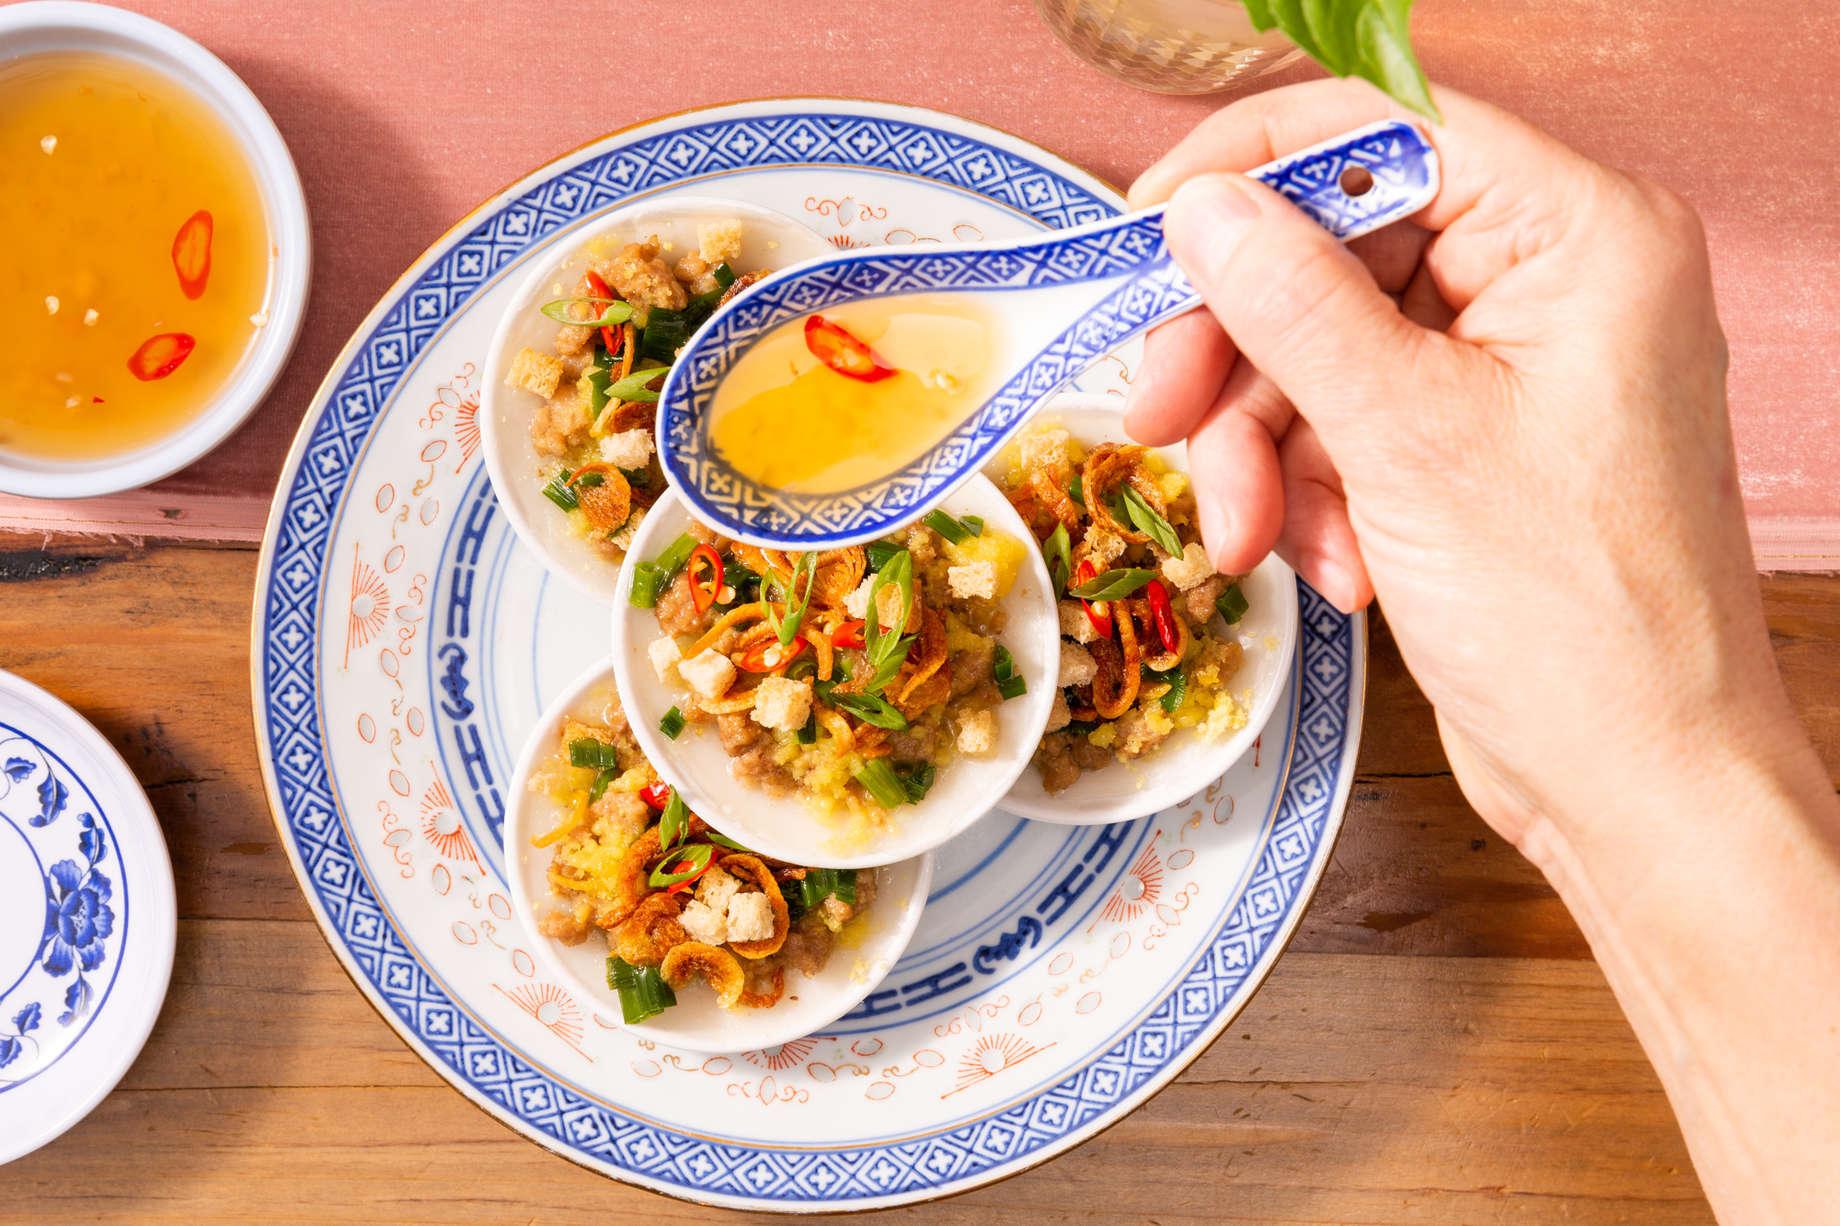 Best Vietnamese Restaurants & Vietnamese Food in America Right Now